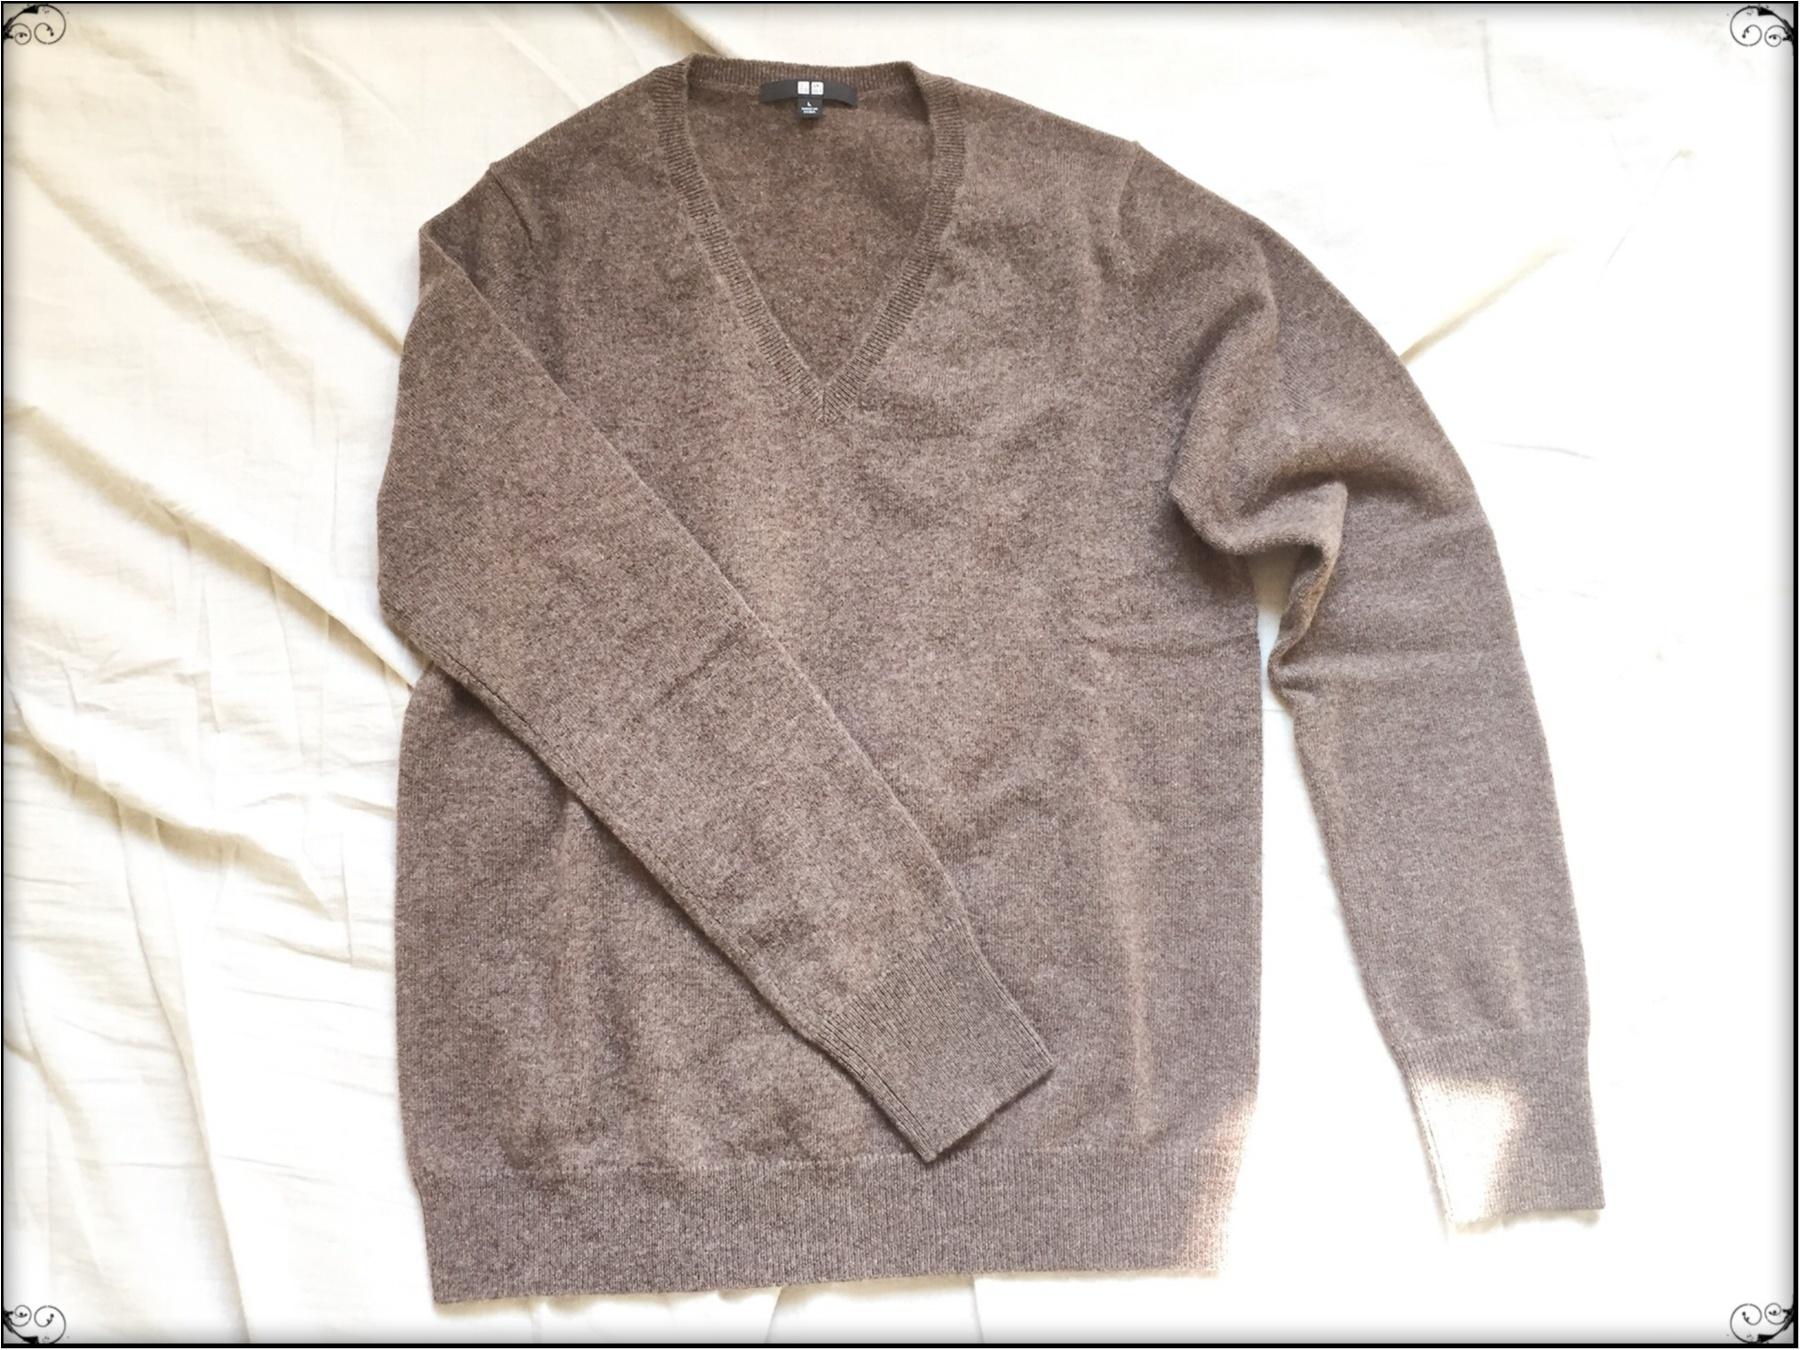 …ஐ 【ユニクロカシミヤVネックセーター】イロチ買いマストの100%カシミヤ素材♥️ふんわり軽くて温かい肌ざわりをこの値段で買えるのはユニクロだけ‼︎ ஐ¨_3